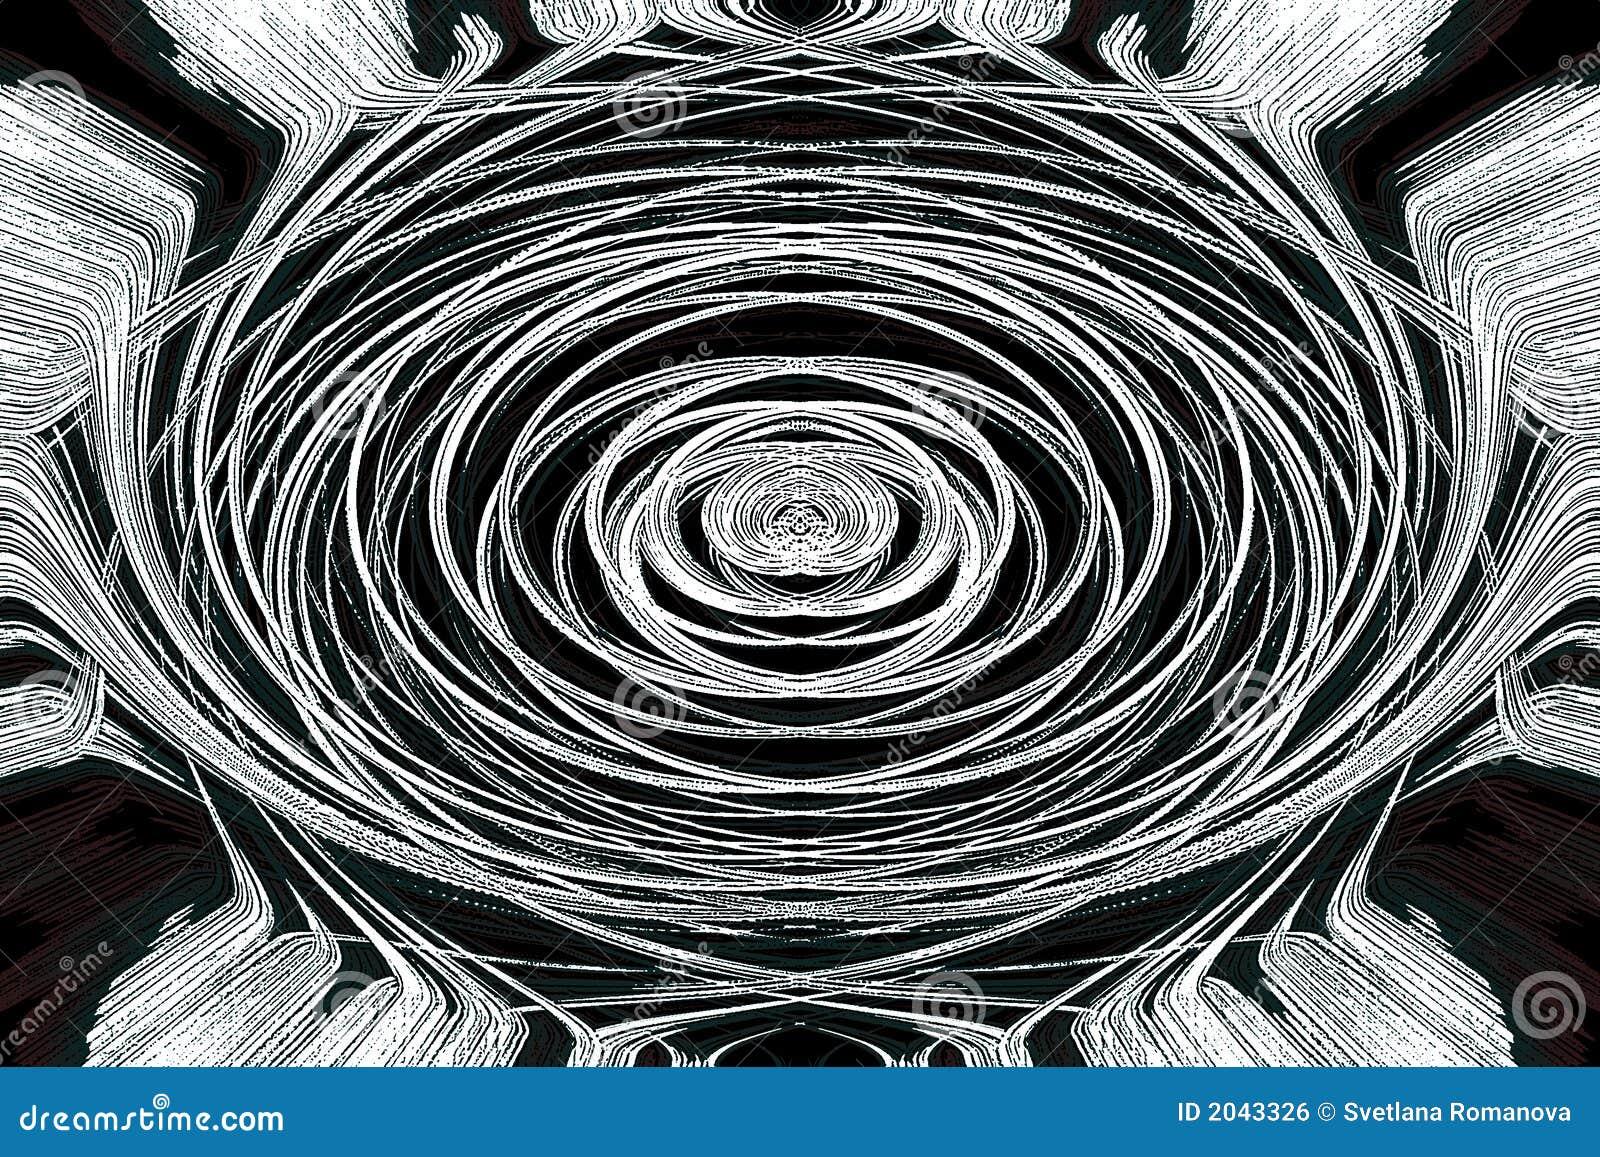 Mystieke kunst abstract grafisch behang royalty vrije stock afbeelding beeld 2043326 - Grafisch behang ...